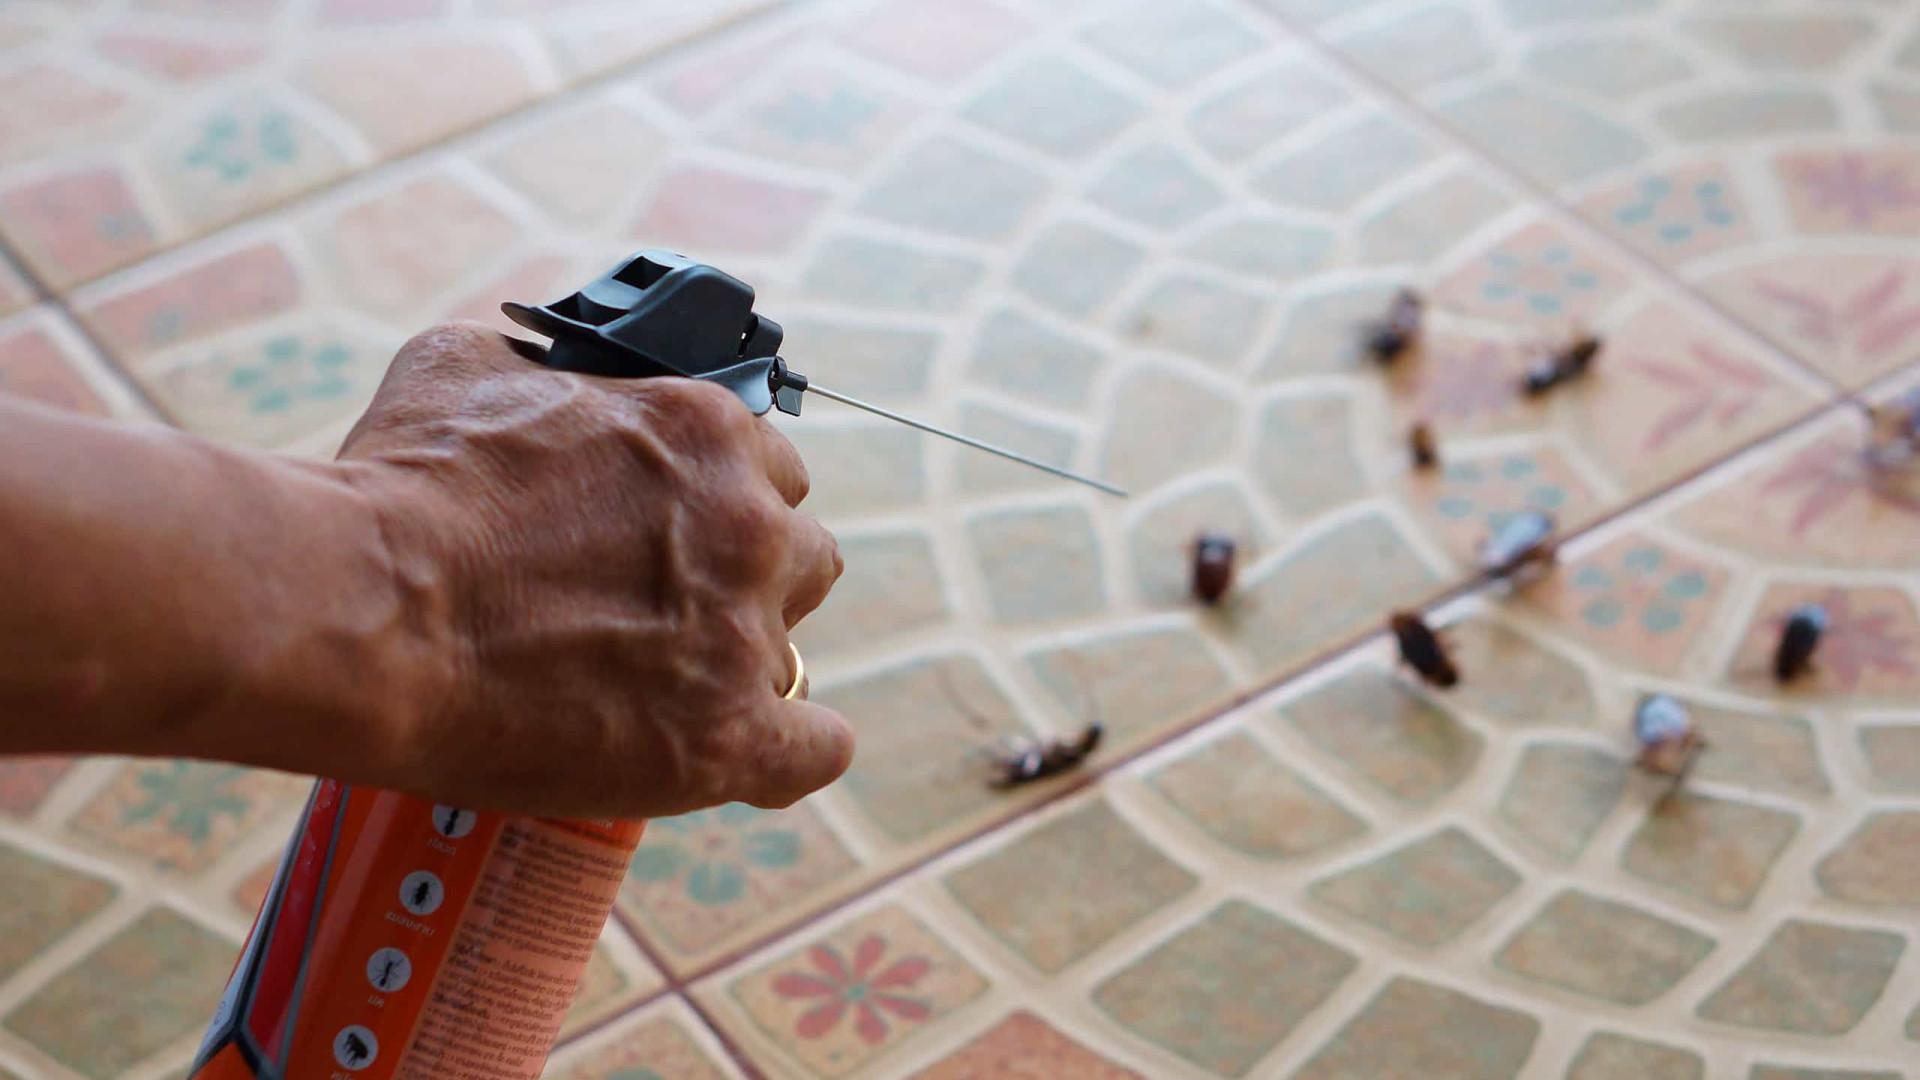 Baratas estão se tornando imunes a inseticidas, diz estudo